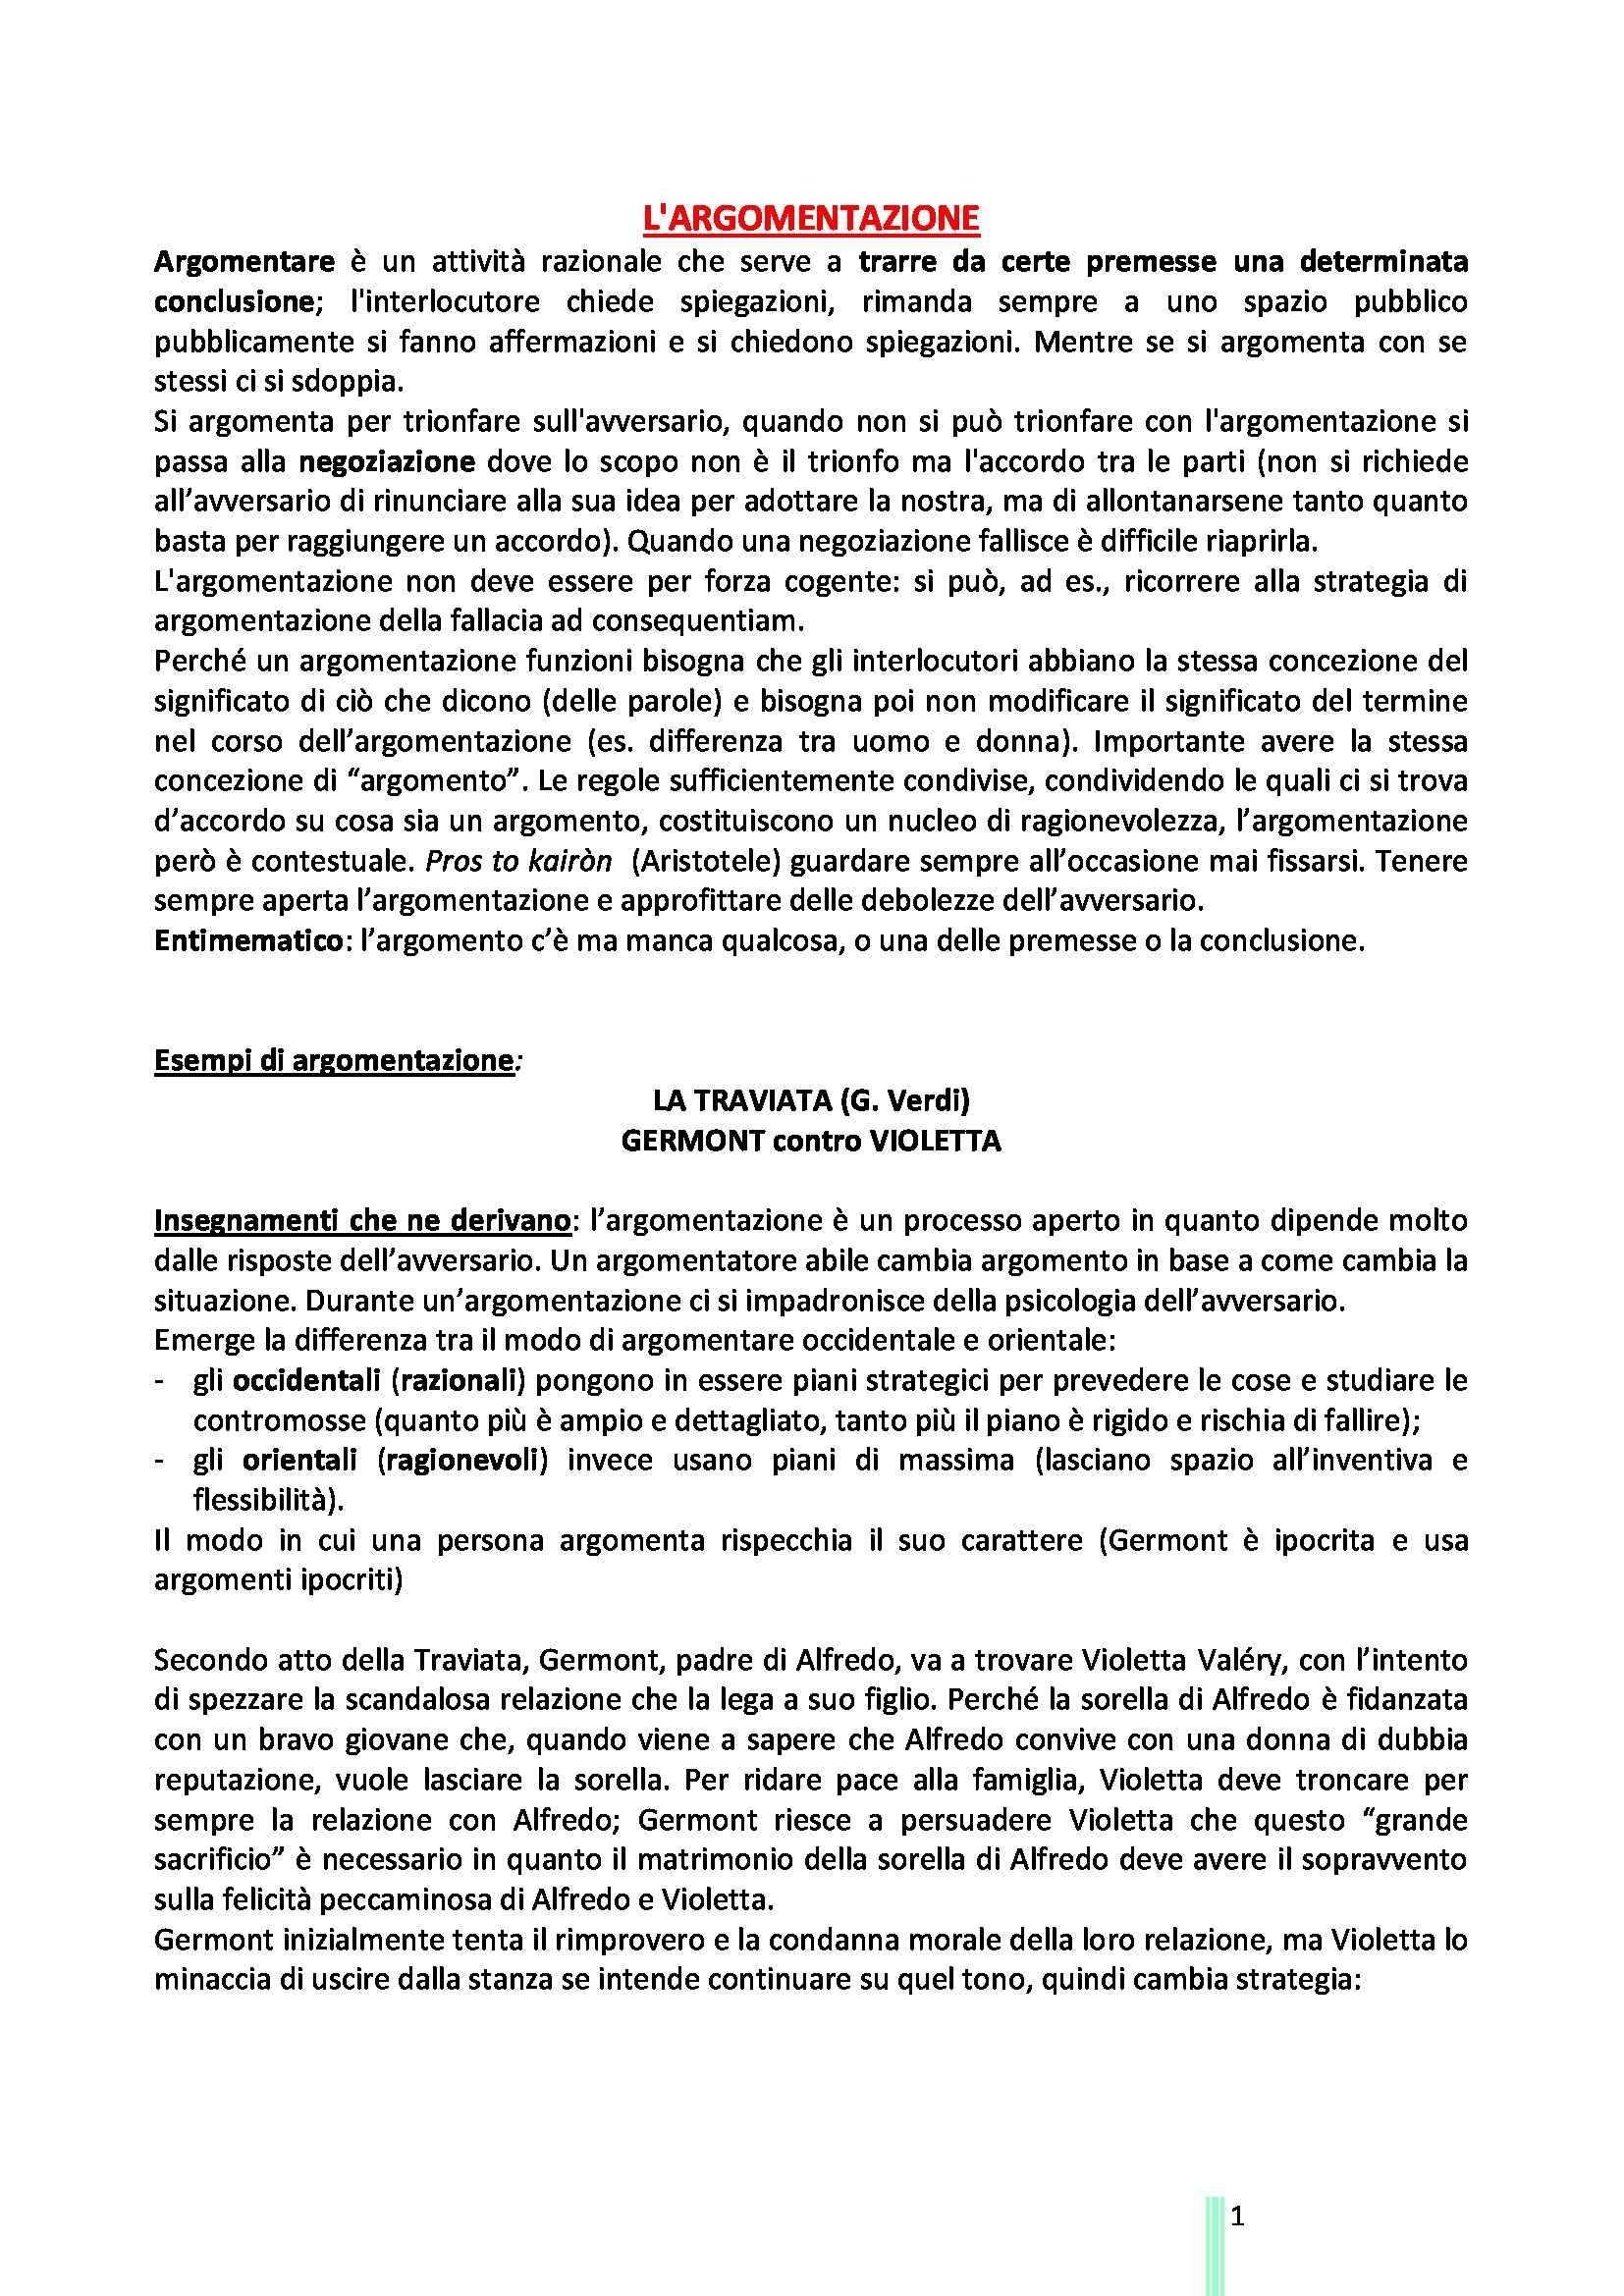 Logica e Argomentazione Giuridica - Appunti e sunti, prof. Artosi